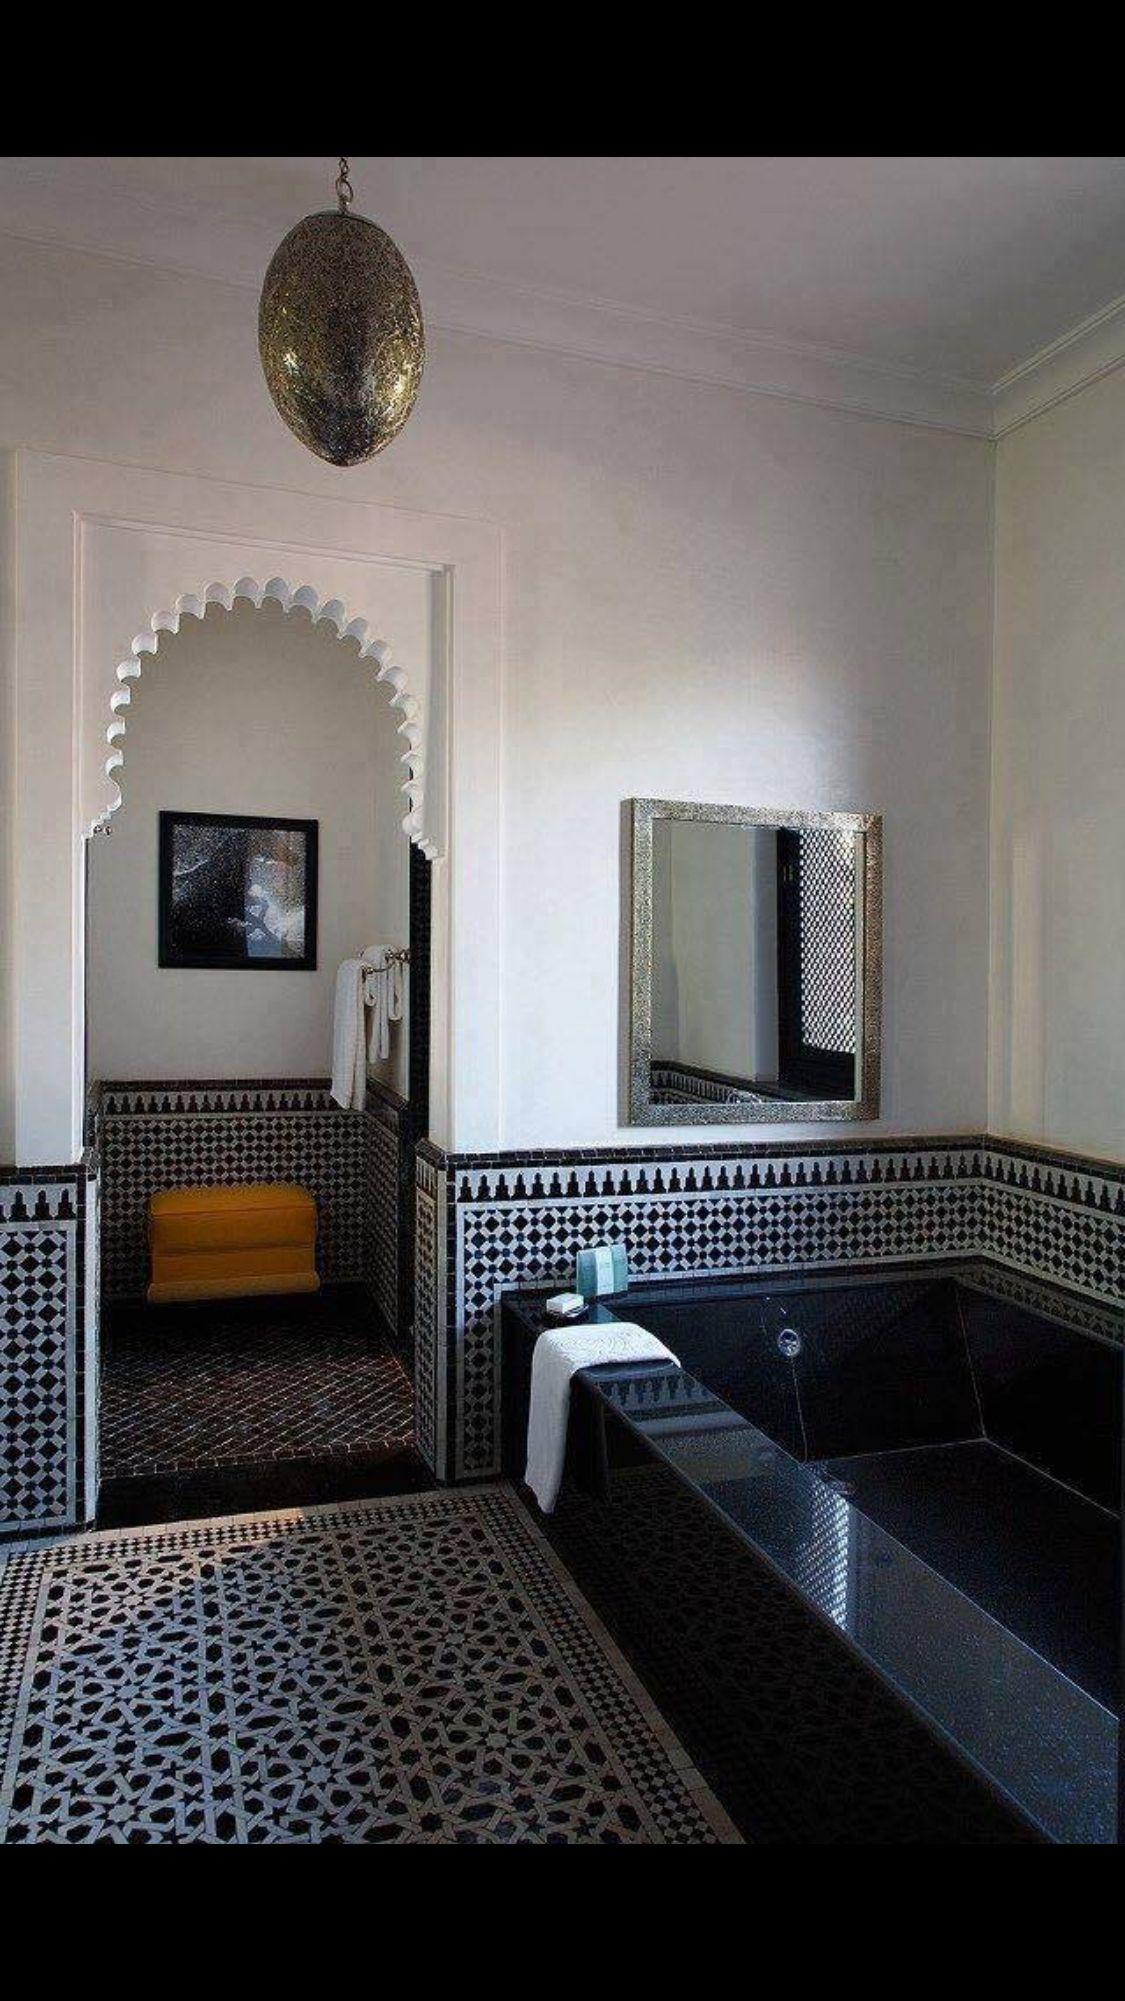 Zellige bath | plans maisons | Salle de bain marocaine, Salle de ...